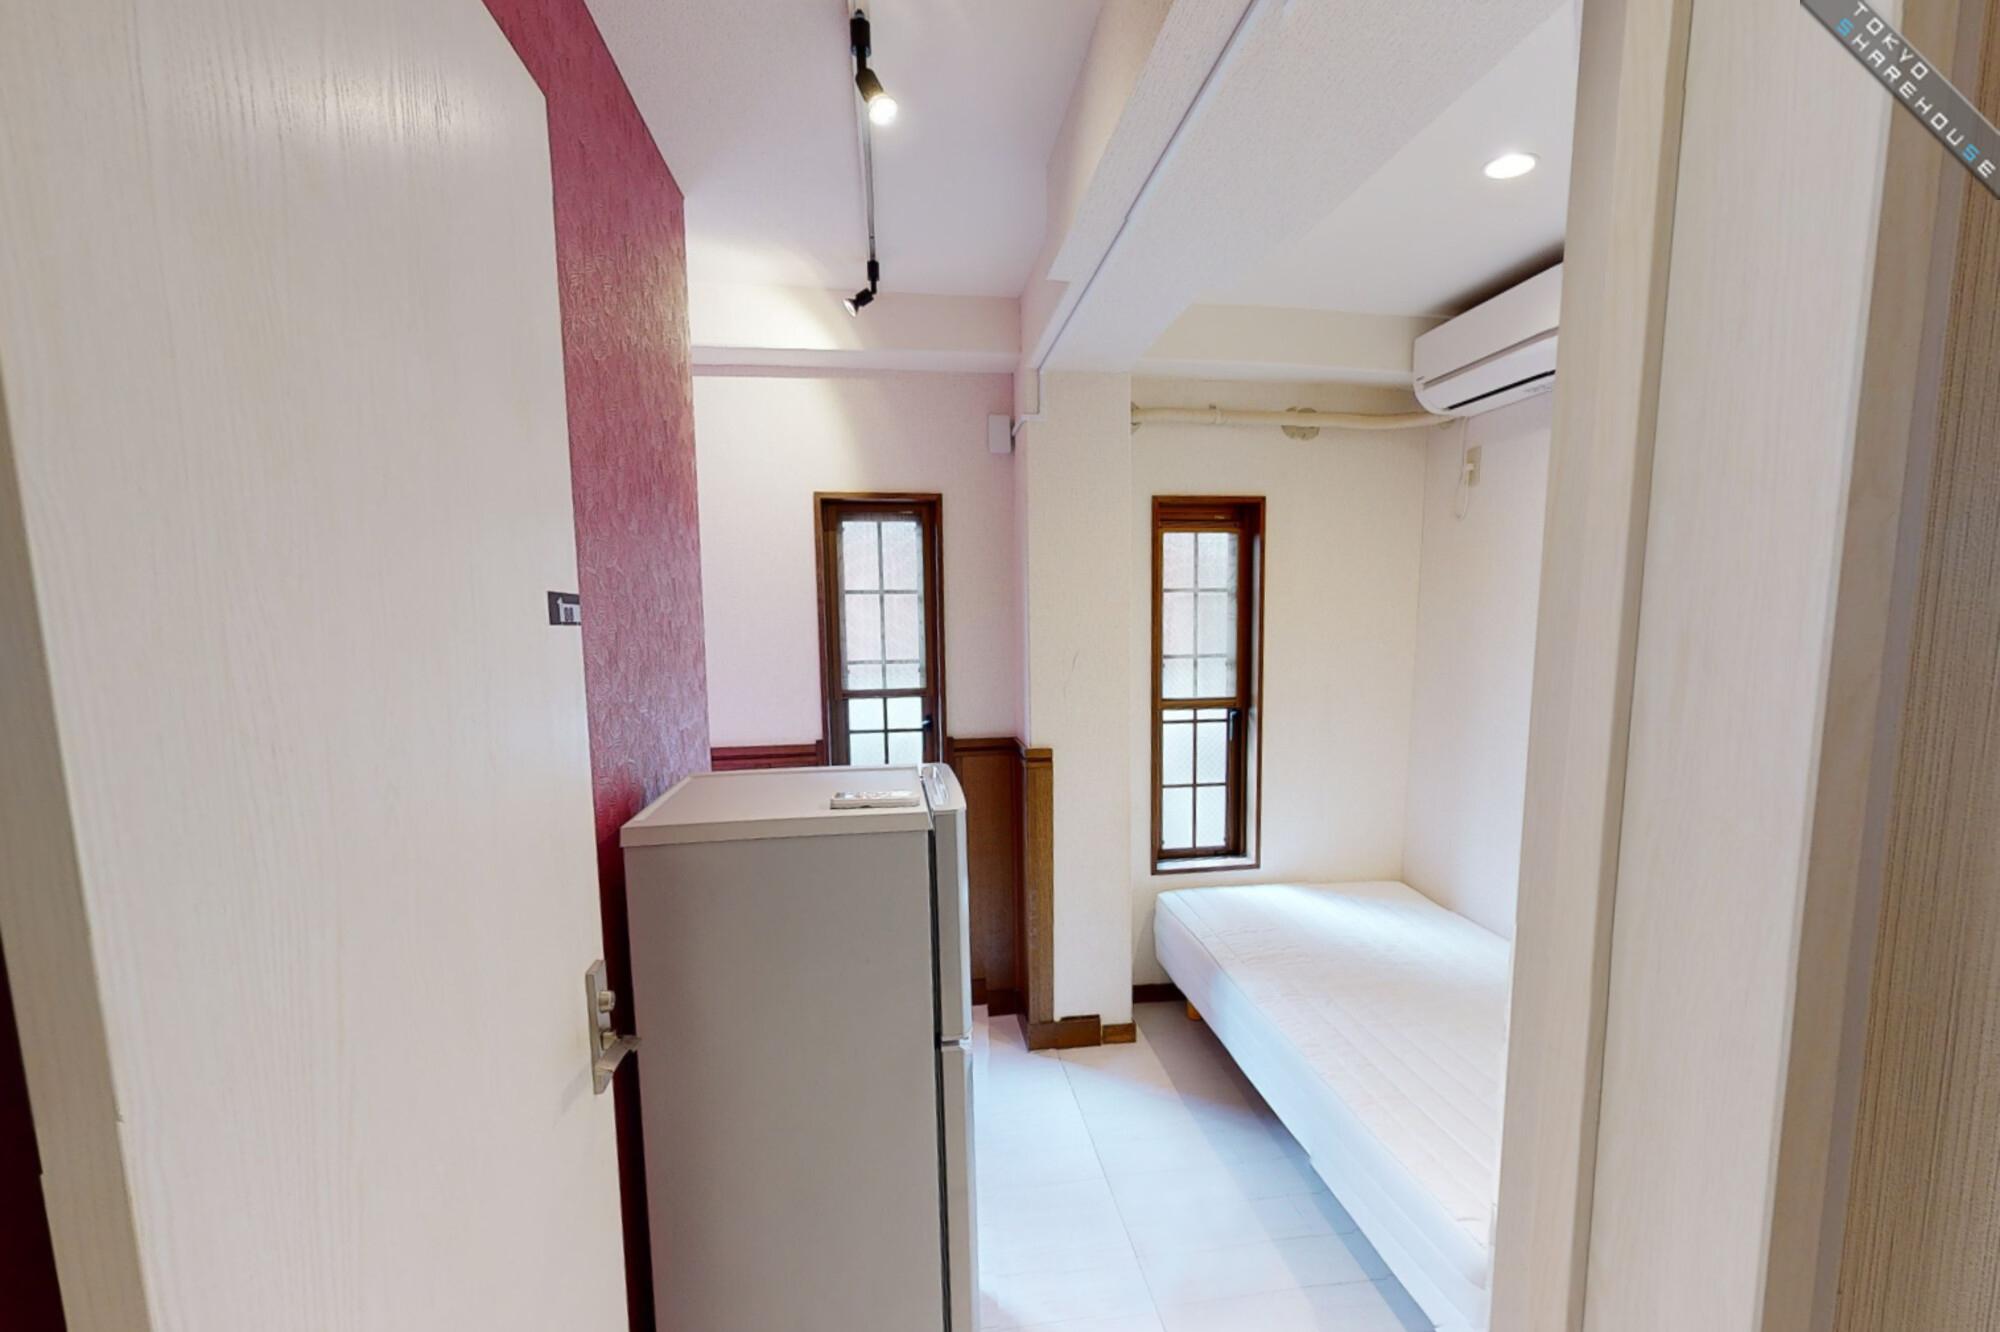 2_Room_Nakanosakaue